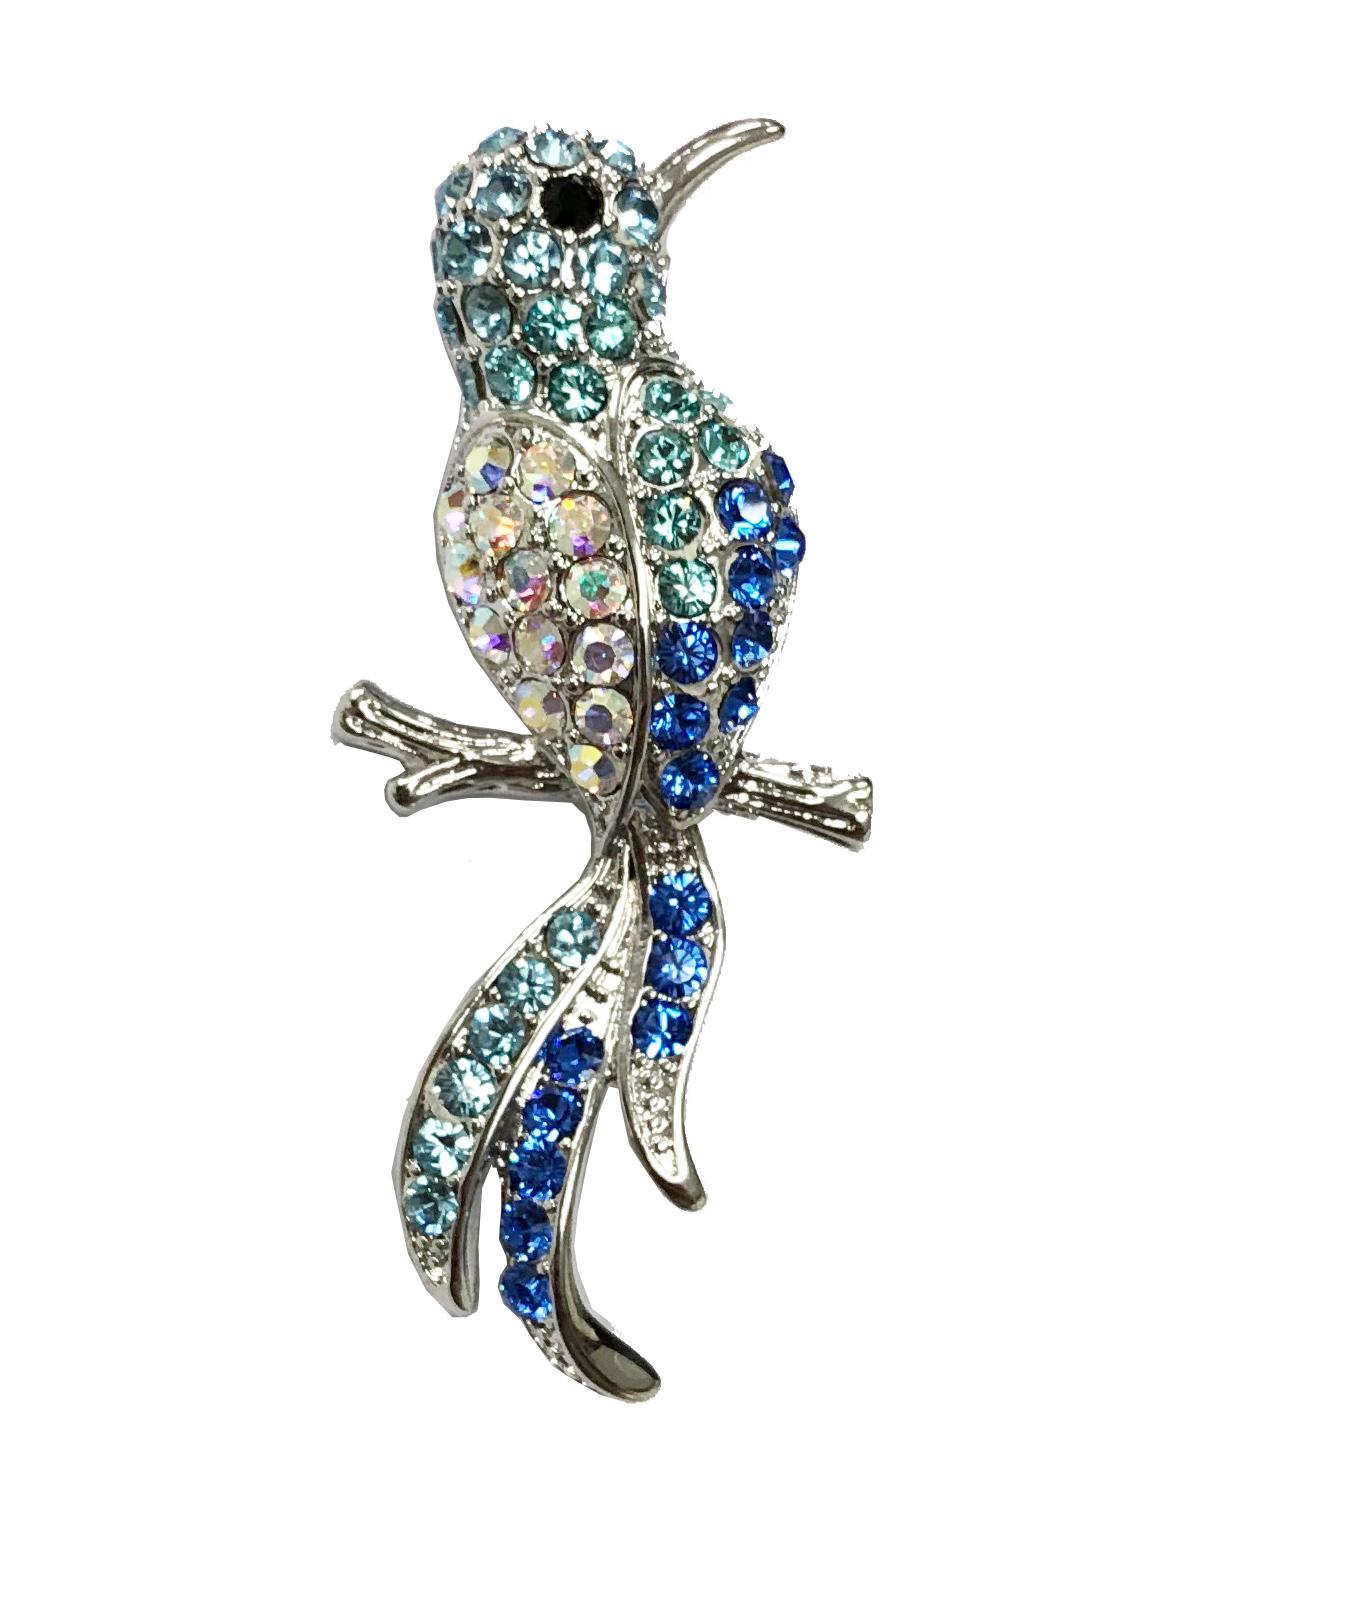 JN クリスタルガラス 幸せの青い鳥 ブローチ